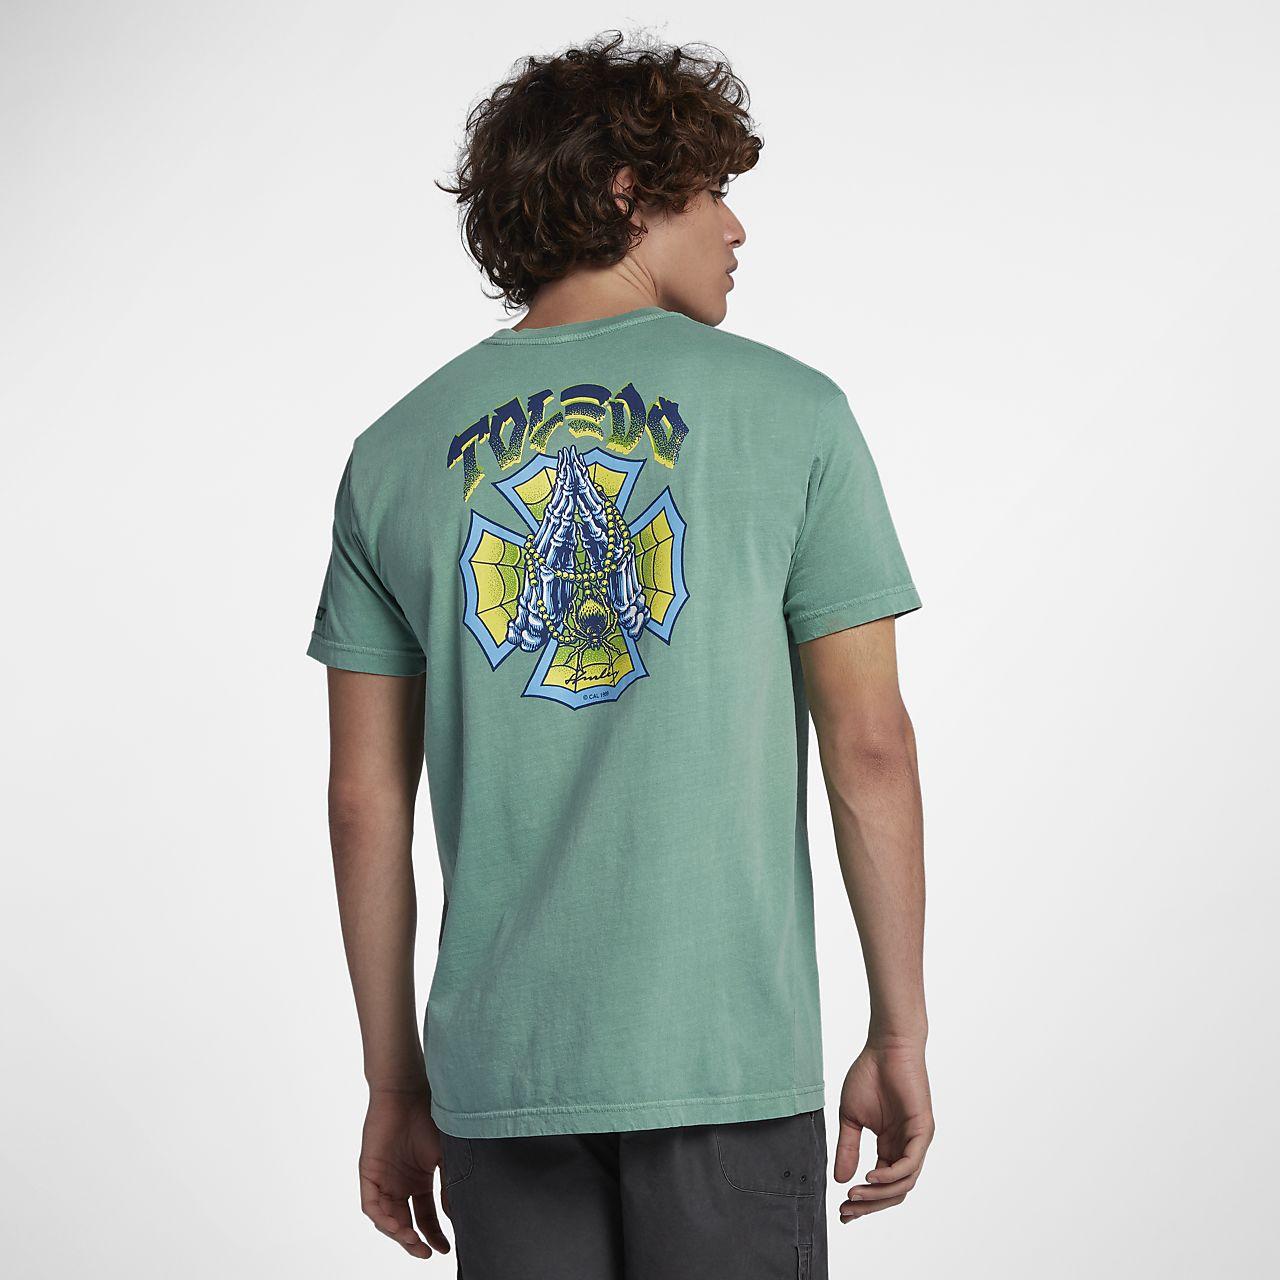 T-shirt Hurley Team Toledo för män